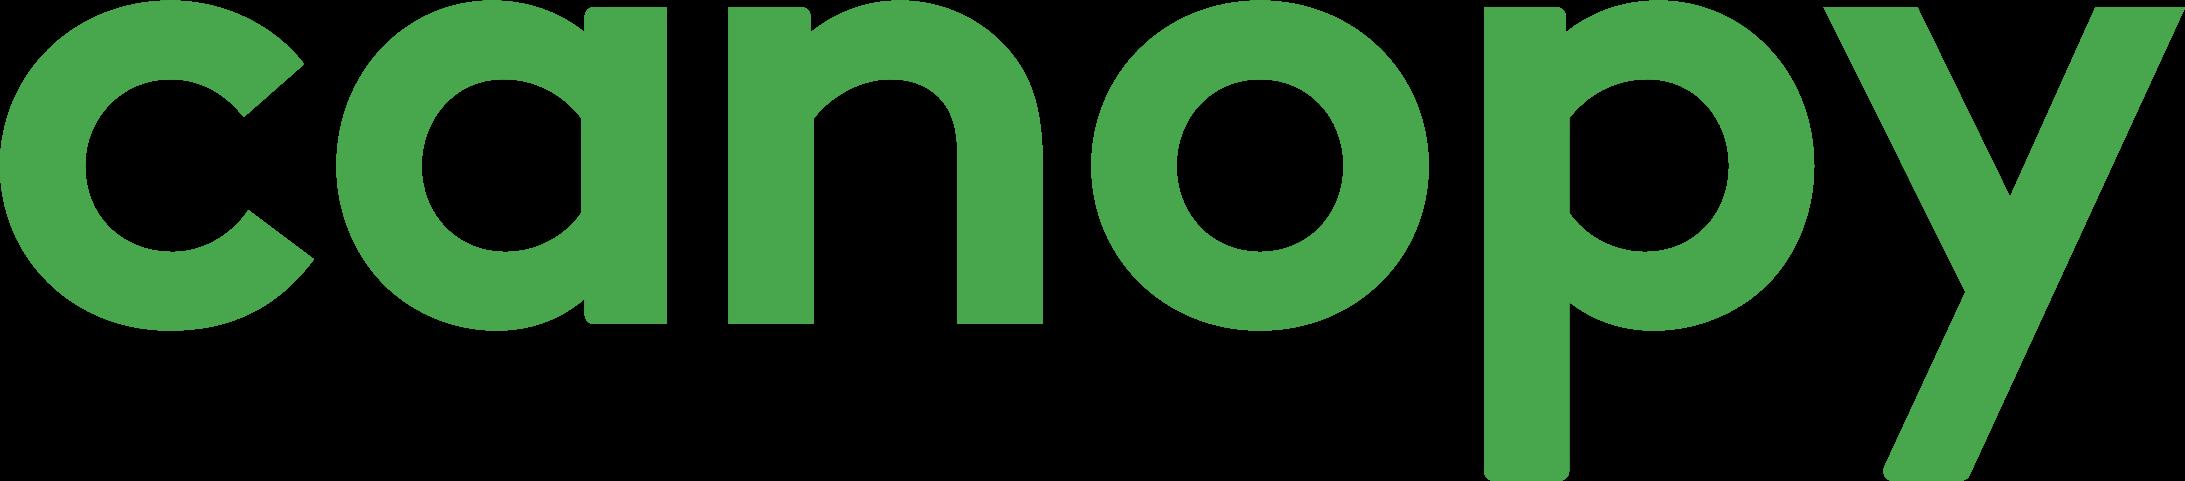 Canopy Tax logo